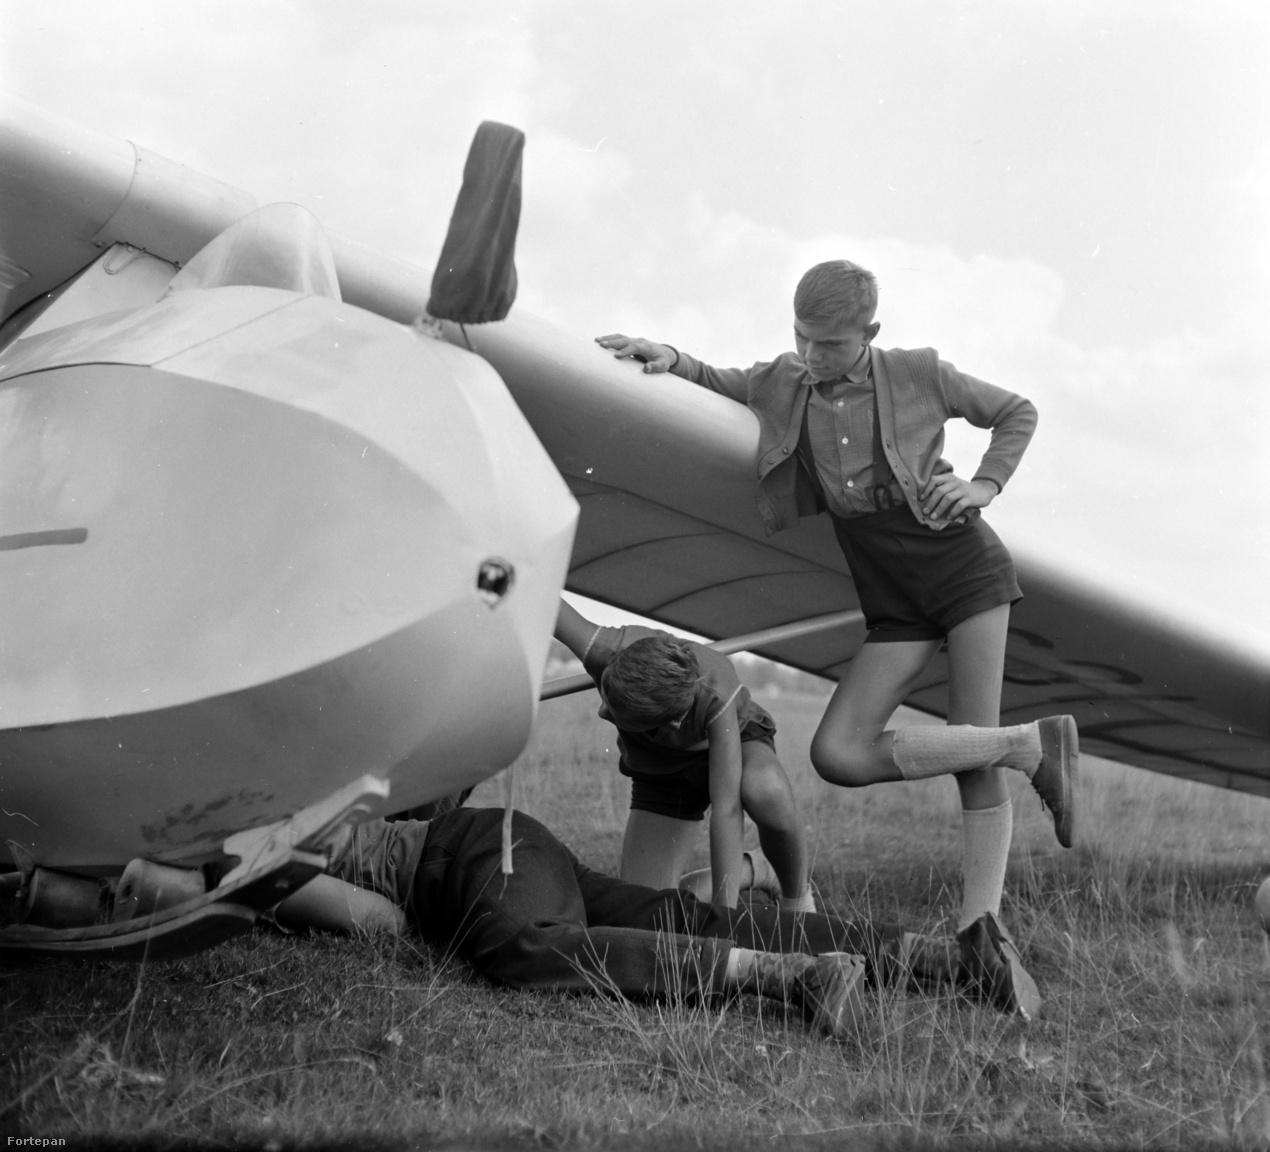 Bébi vitorlázógépet javítanak a gyerekek a marosvásárhelyi sportrepülőtéren 1962-ben. A meggyesfalvi reptér volt a város első reptere 1936-ban, ez volt az a hely, ahol Aurel Vlaicu 1912-ben leszállt a gépével. Az erdélyi román mérnök-feltaláló a budapesti Műegyetemre is járt. Mindössze harminc éves volt, amikor 1913-ban megpróbálta átrepülni ma Kárpátokat. Valószínűleg szívroham végzett vele, családja szerint meggyilkolták. A második világháborúban a visszavonuló német csapatok a repteret fölrobbantották. A meggyesfalvi reptér ma is üzemel, de már csak sportrepülőtérként.